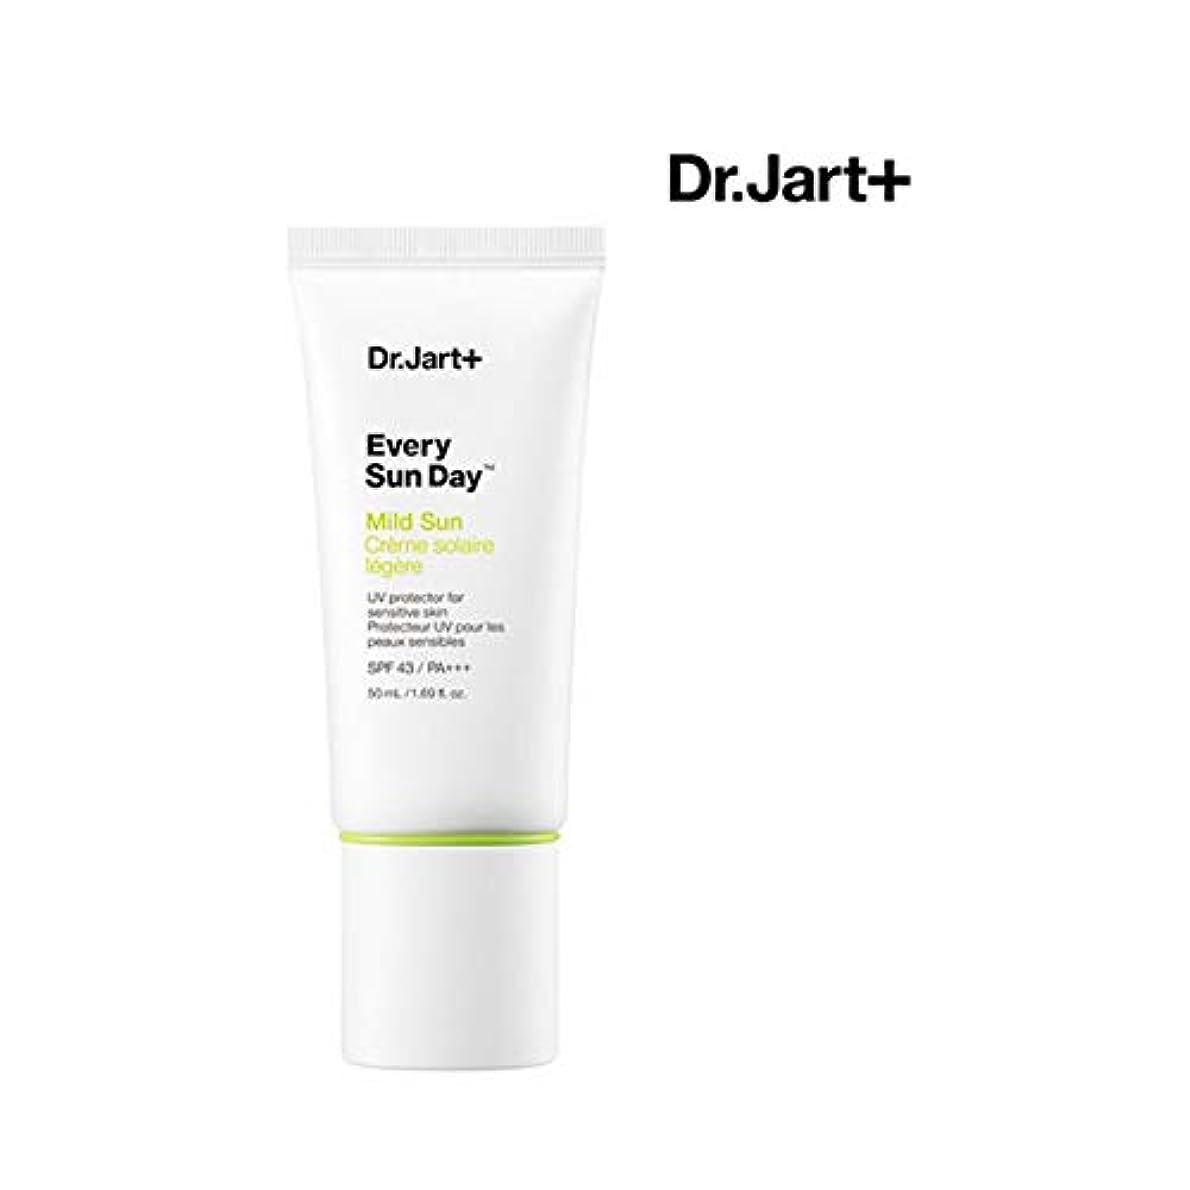 イサカカルシウム近代化ドクタージャルトゥエブリサンデーマイルドサン50mlサンクリーム韓国コスメ、Dr.Jart Every Sun Day Mild Sun 50ml Korean Cosmetics [並行輸入品]